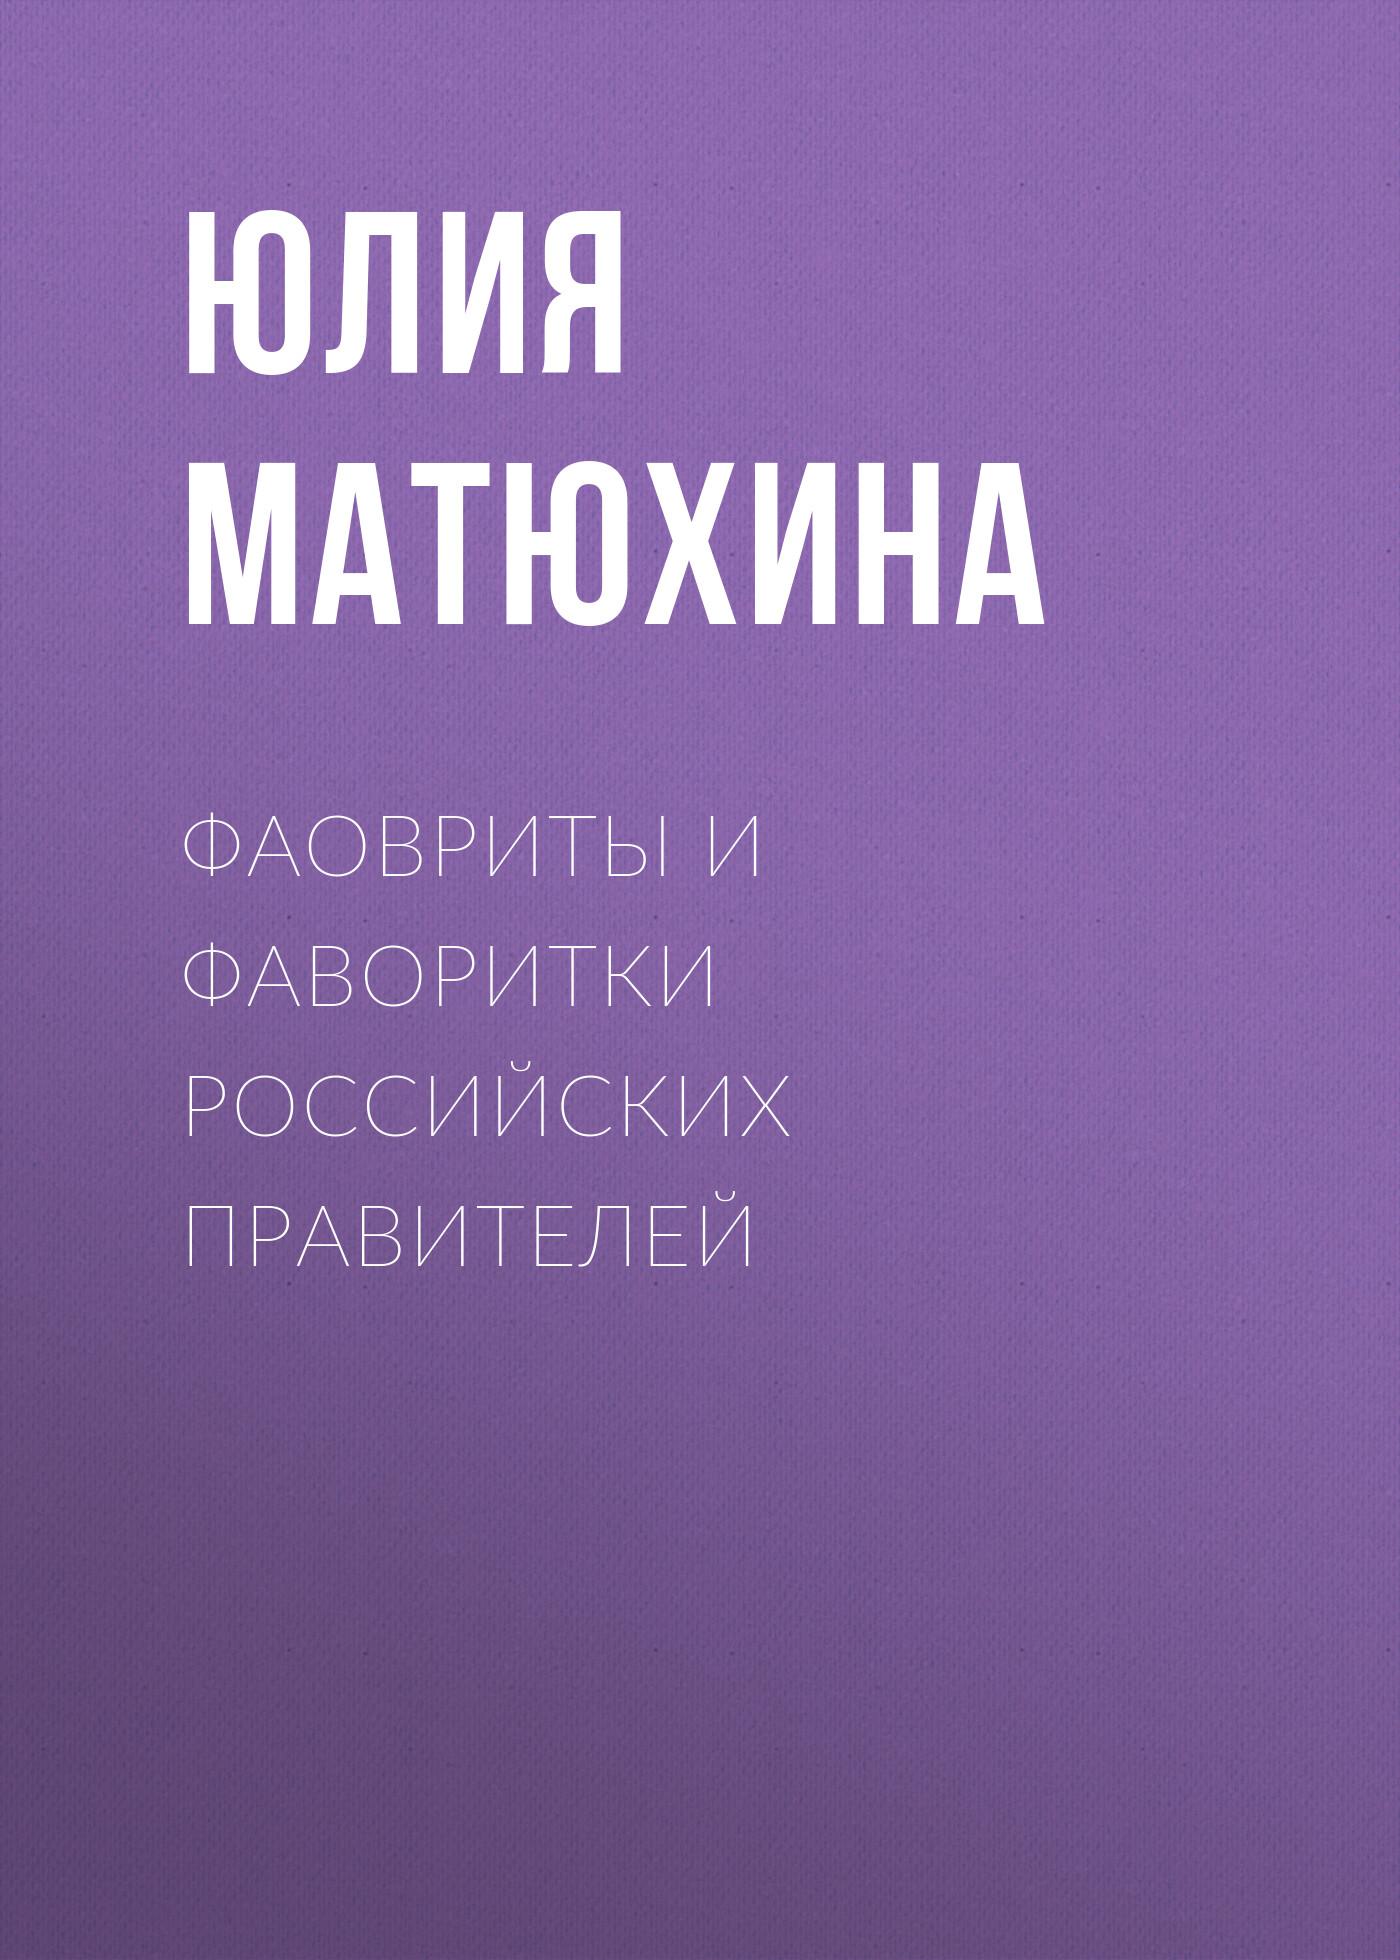 цены Ю. А. Матюхина Фавориты правителей России